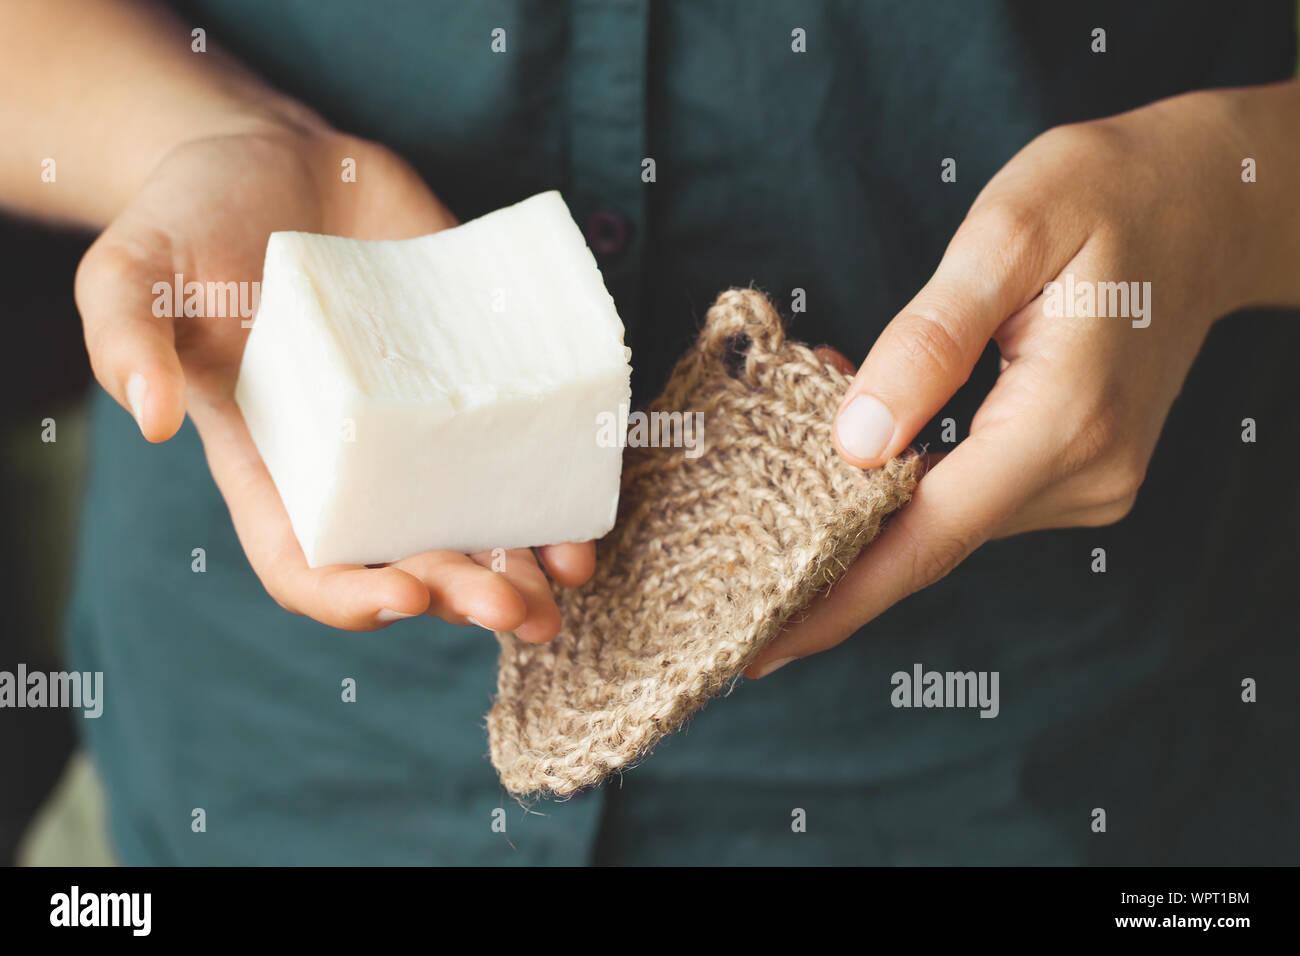 Umweltfreundliche Reinigungsmittel Kit. Organische Seife und Jute Waschlappen in die Hand der Frau. Null Abfall Konzept, Kunststoff, eco-friendly Shopping, vegan Stockfoto